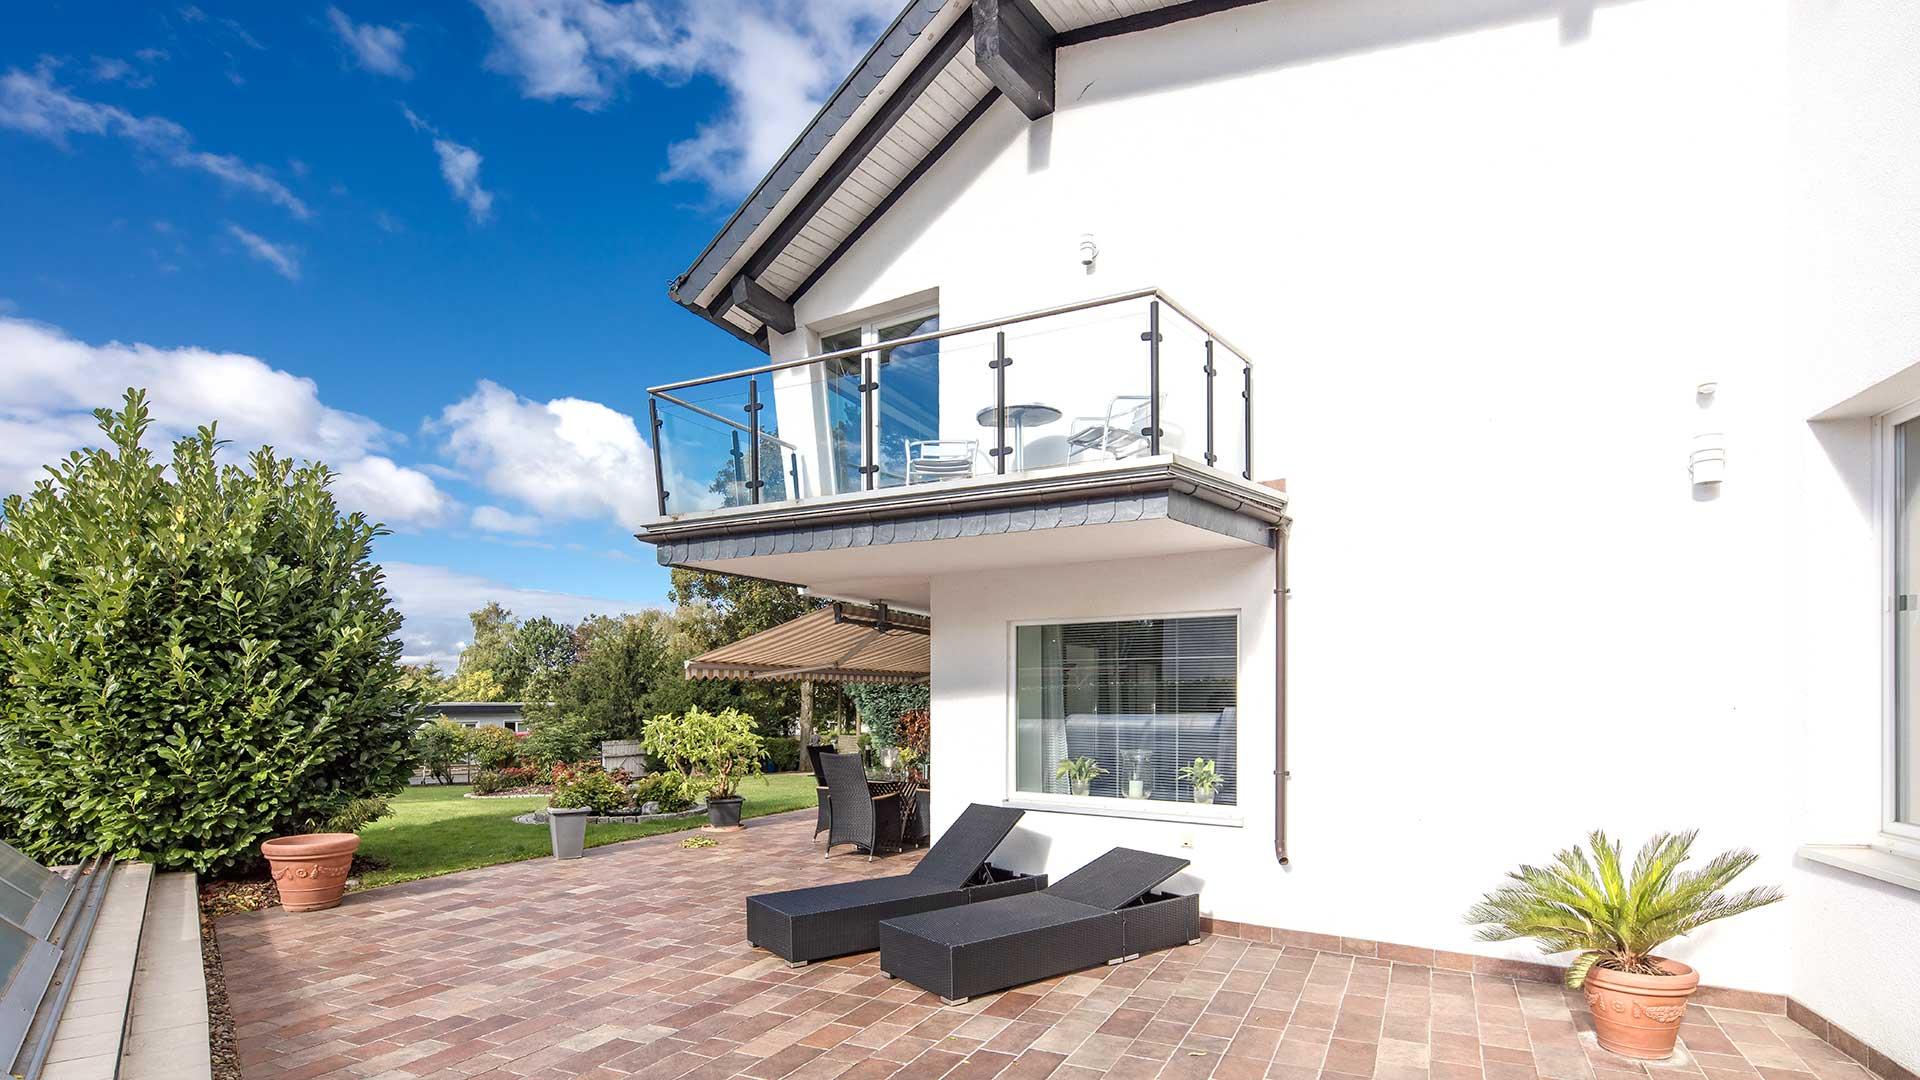 Architekturfotografie: Immobilie | Foto: Dieter Eikenberg, imprints